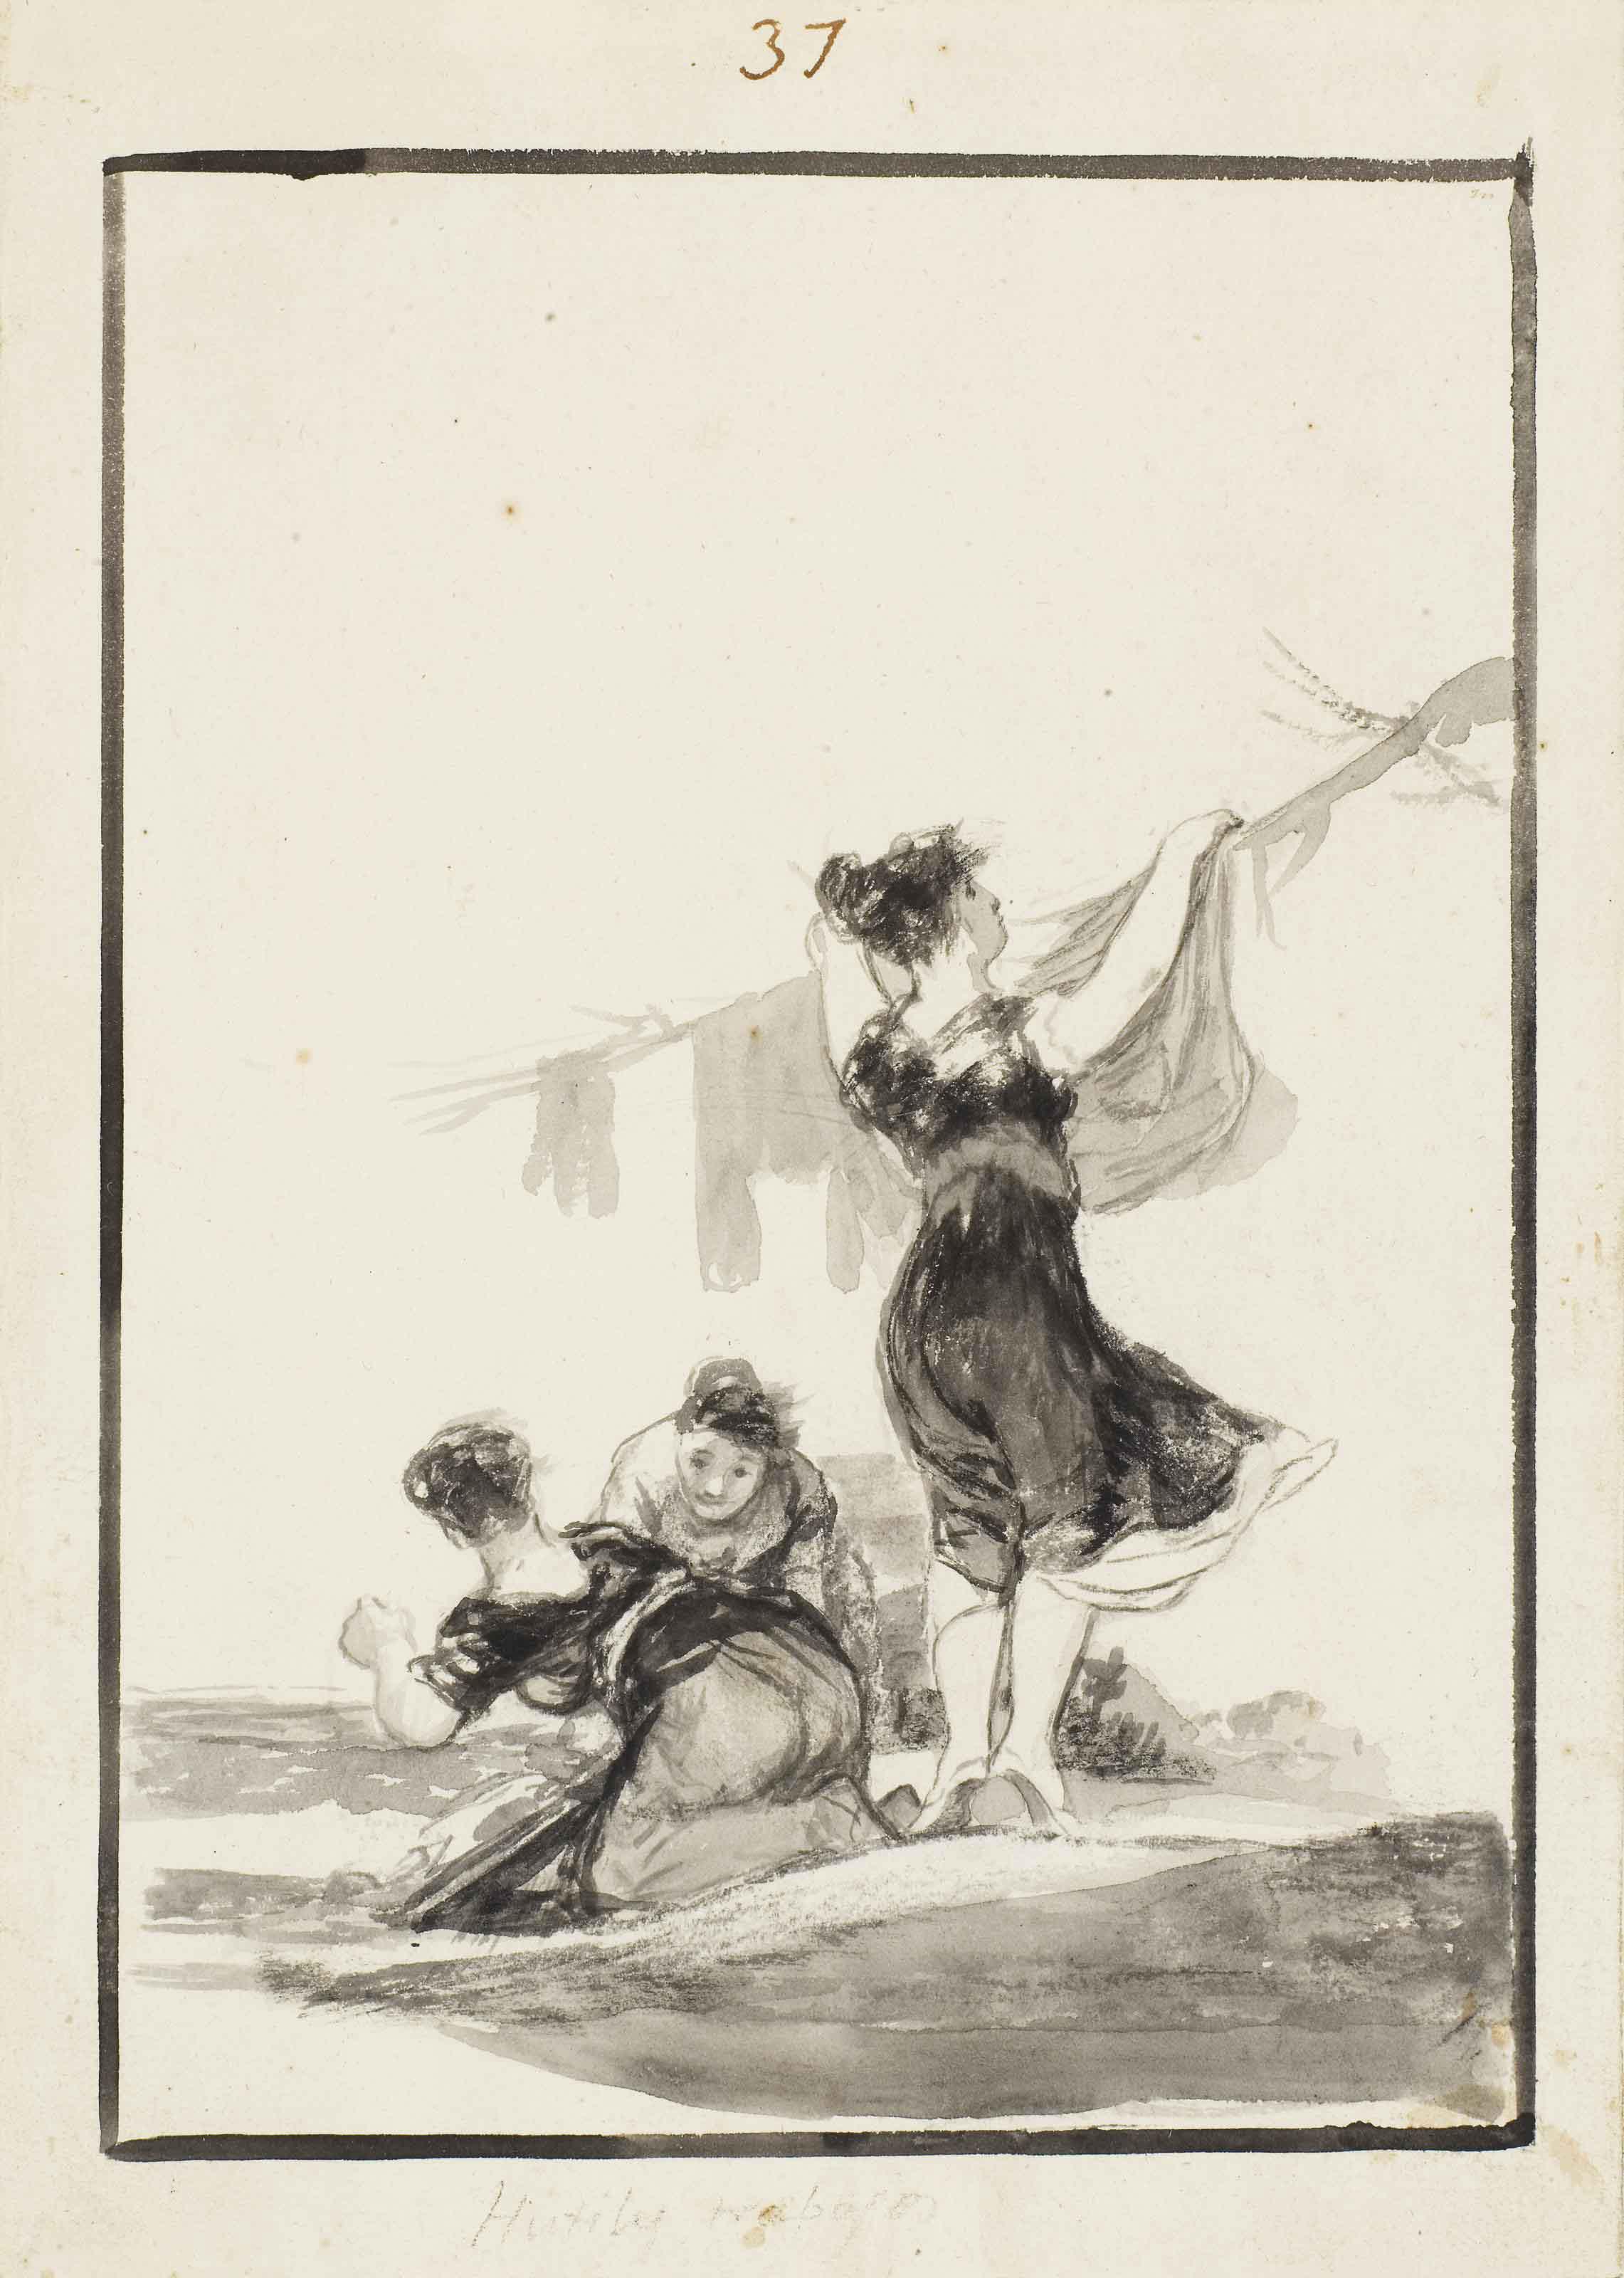 Francisco Jose de Goya y Lucie